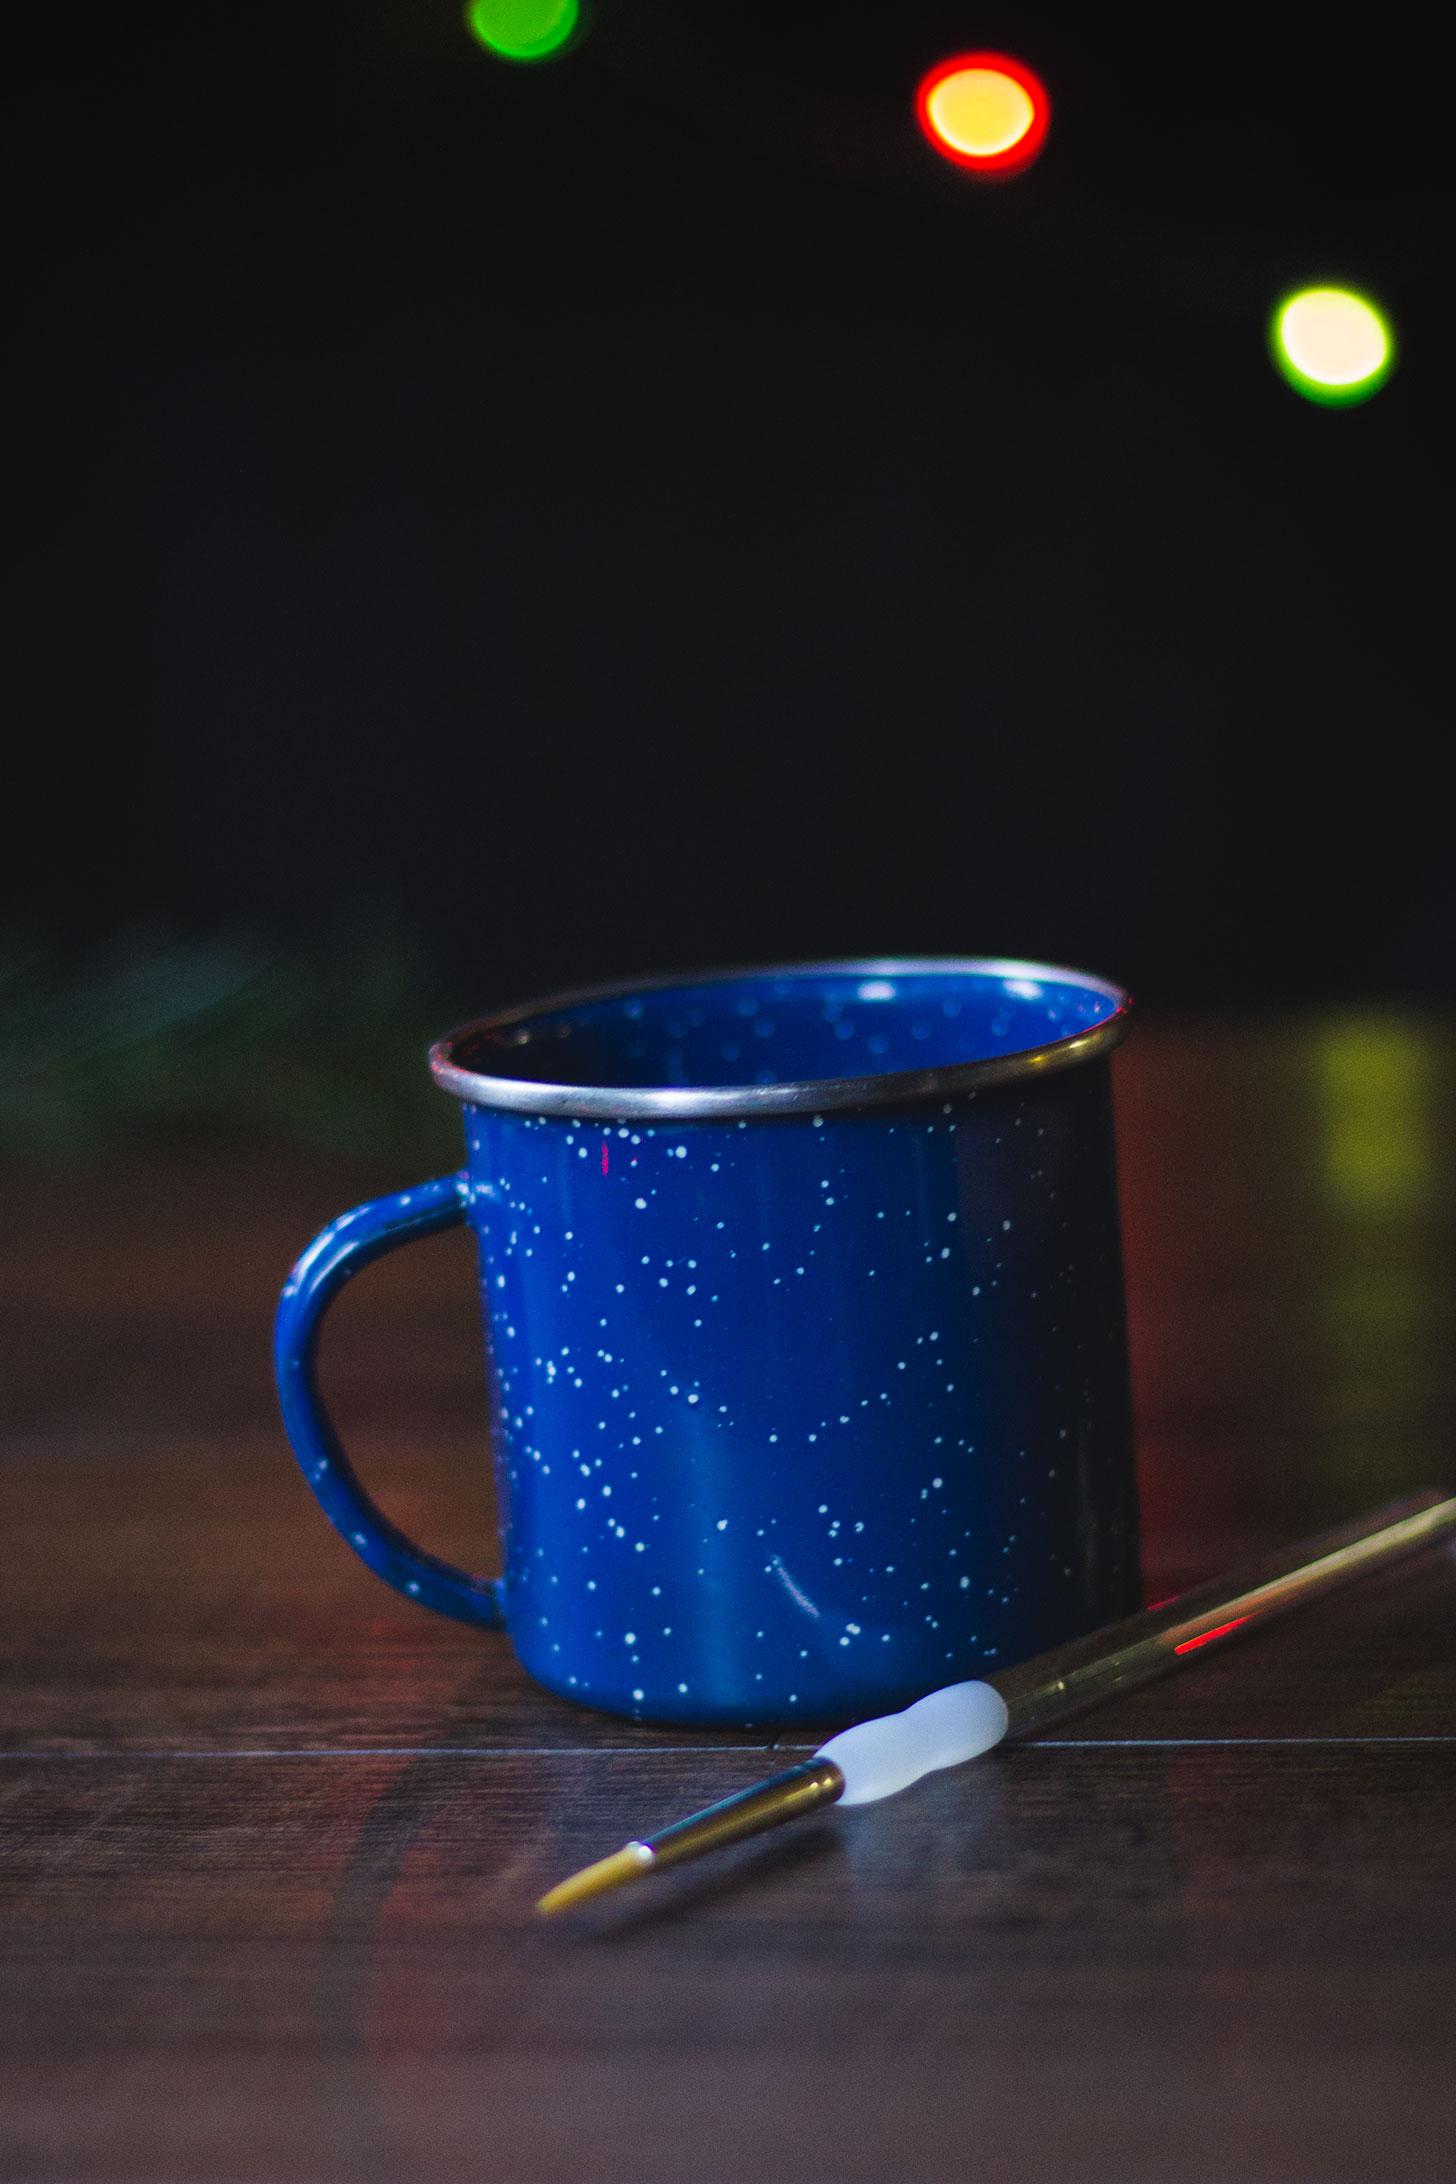 DIY Hand Painted Camp Mug! A GREAT holiday gift! #camping #backpacking #diy #gift